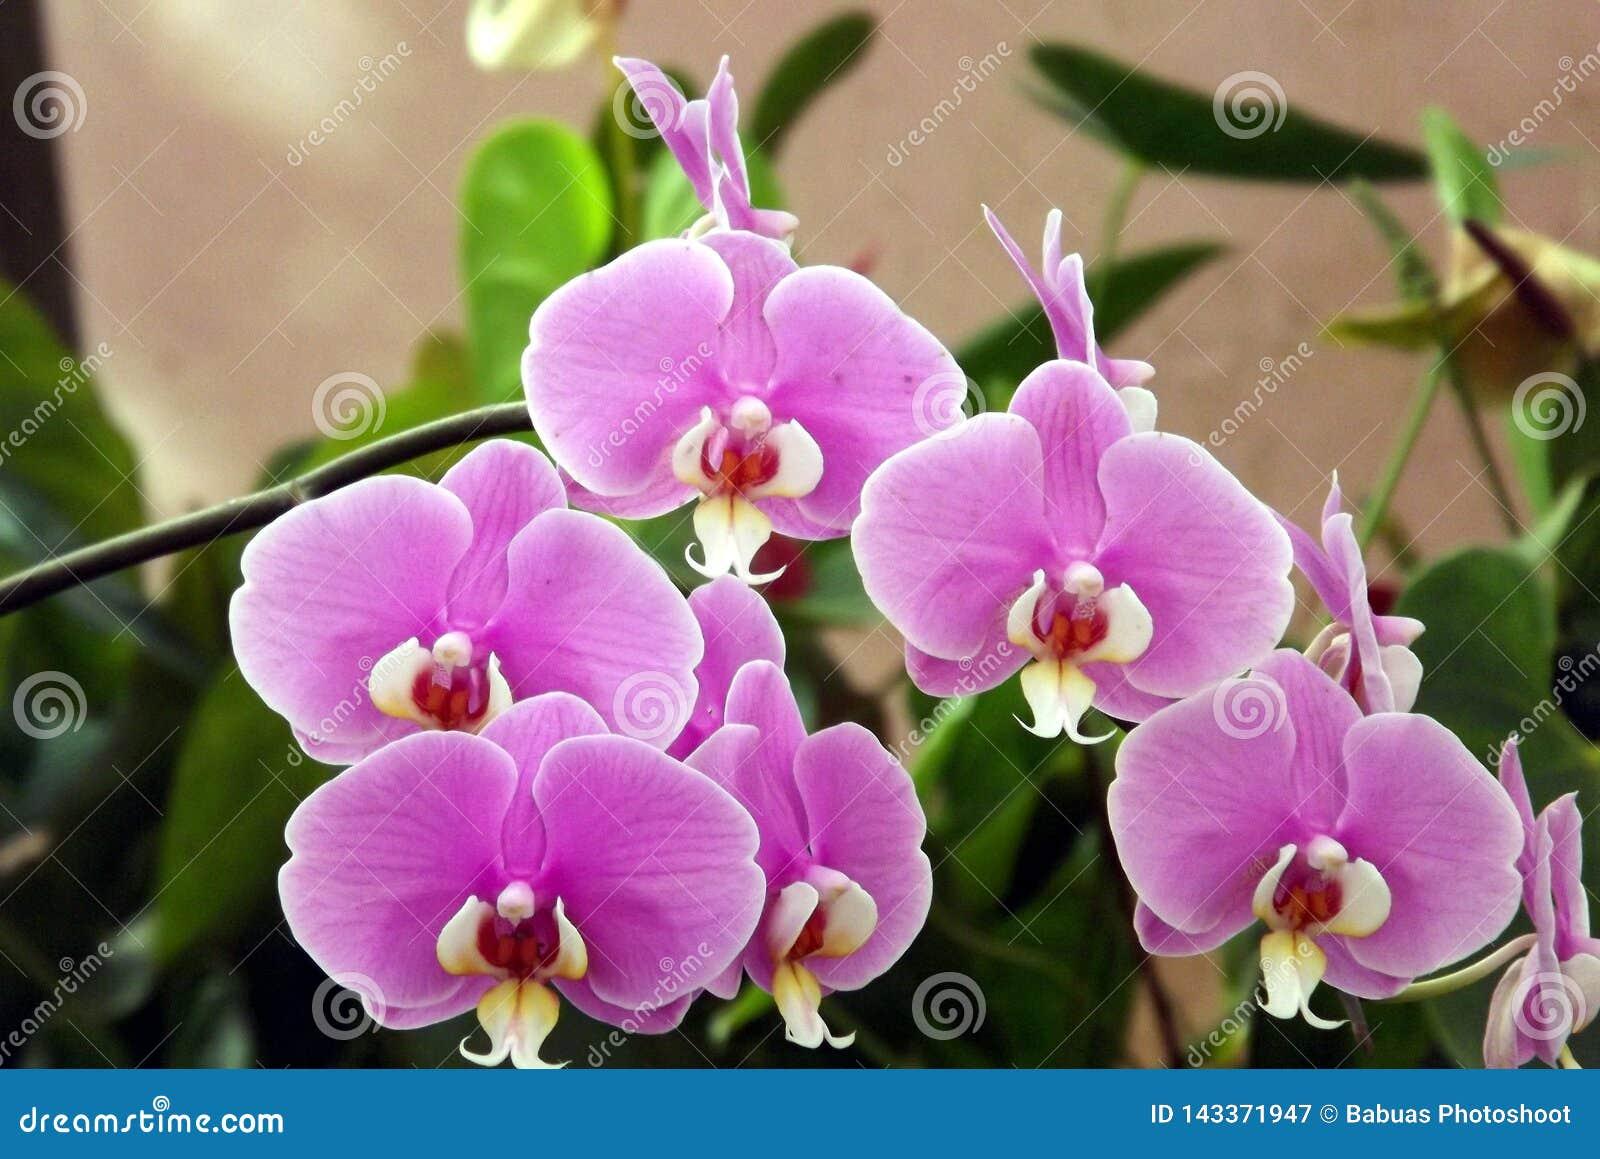 Bos van de exotische violette die bloem van de mottenorchidee in Mahabaleshwar, India wordt geschoten